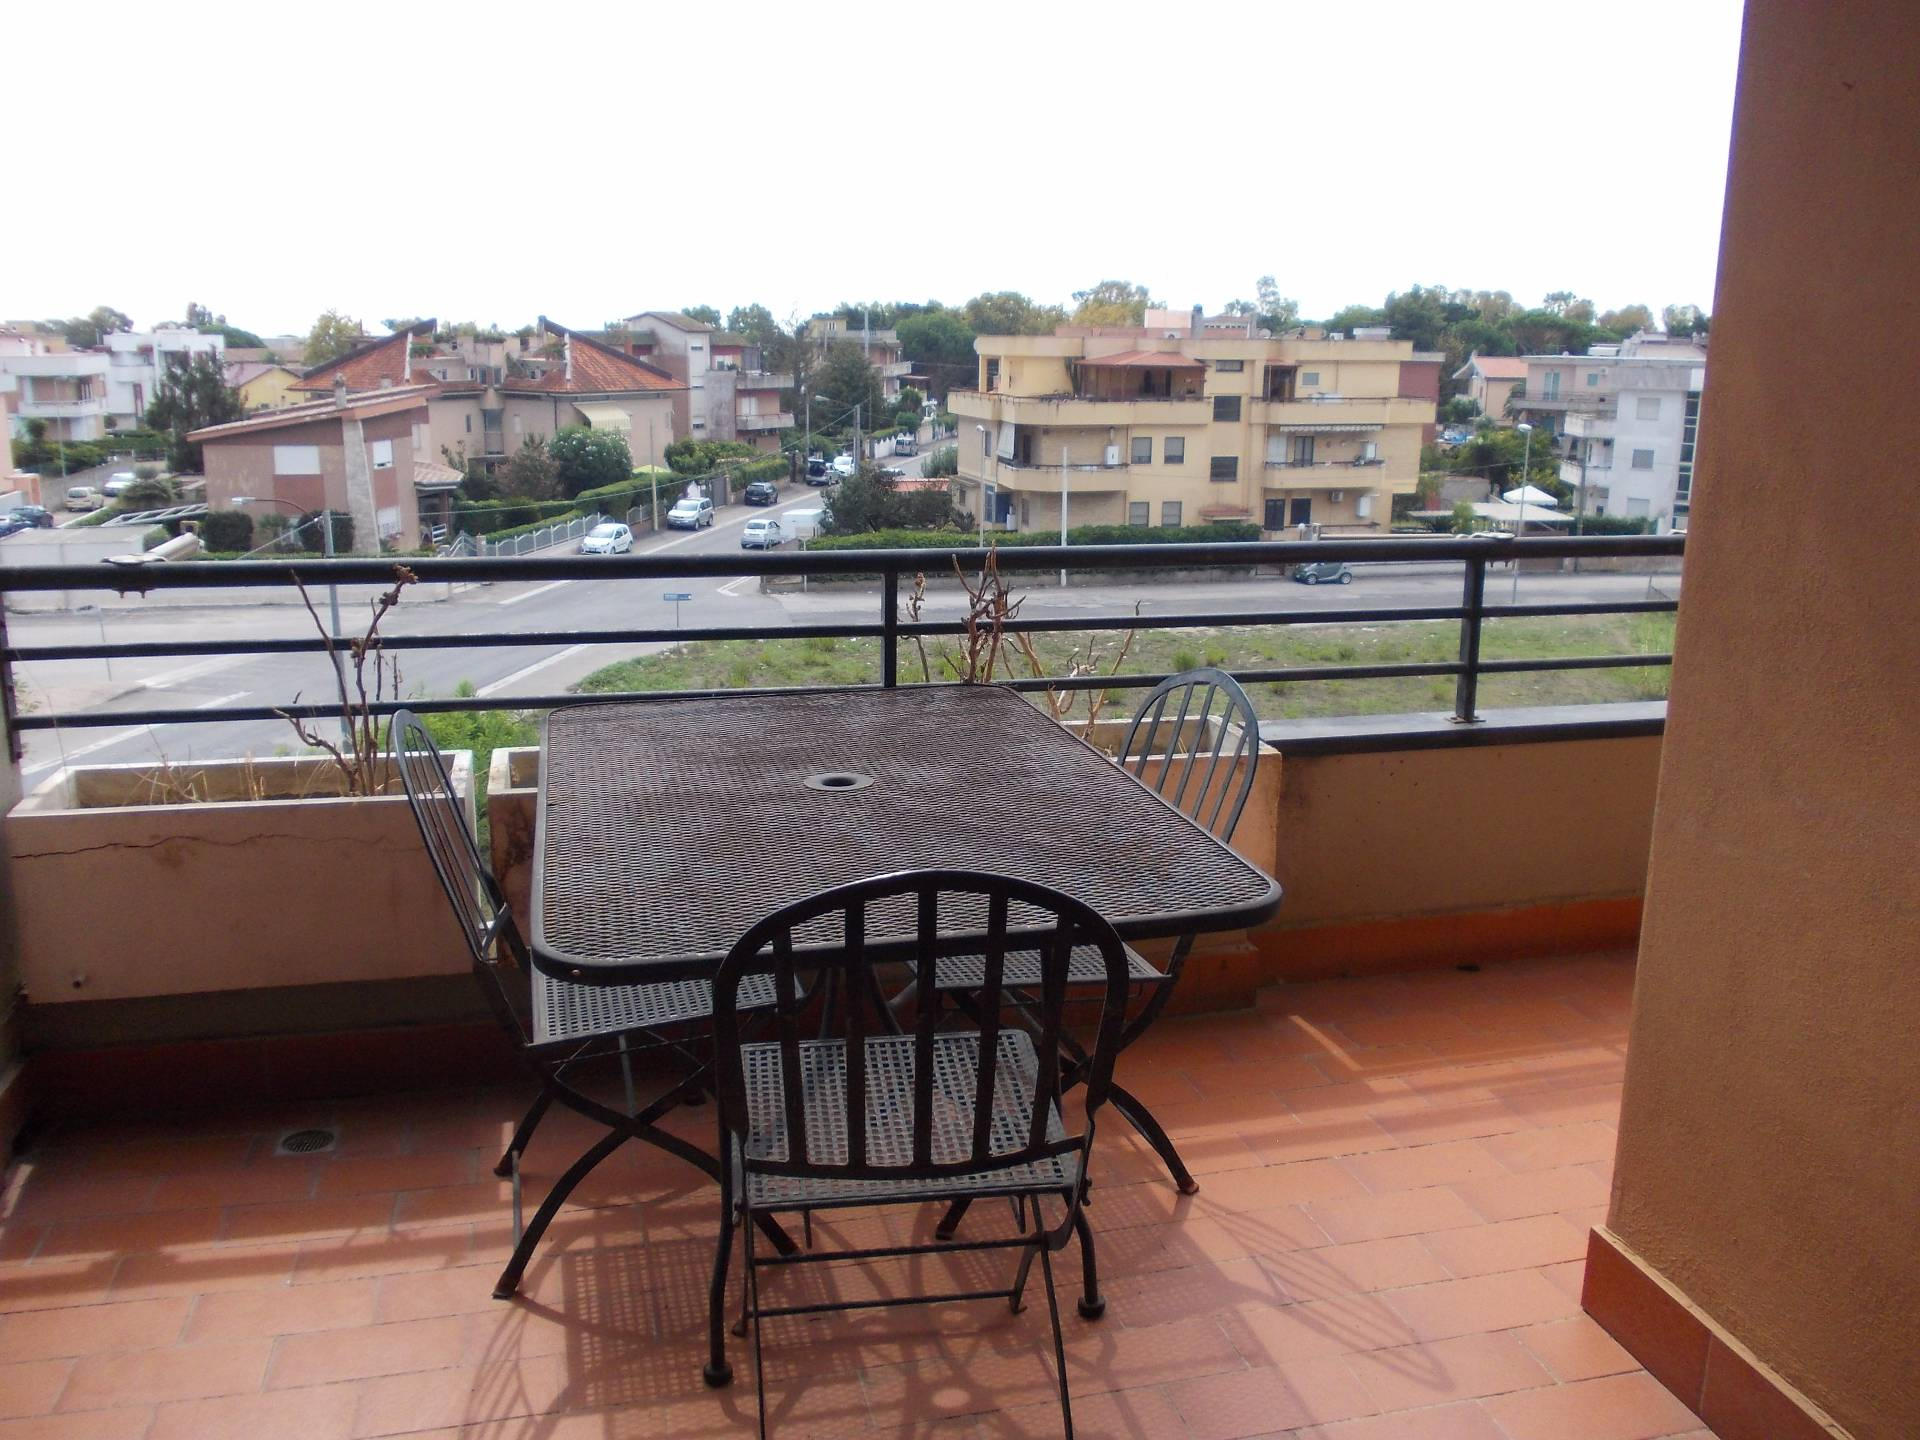 Appartamento in affitto a Nettuno, 2 locali, zona Zona: Poligono, prezzo € 400 | Cambio Casa.it